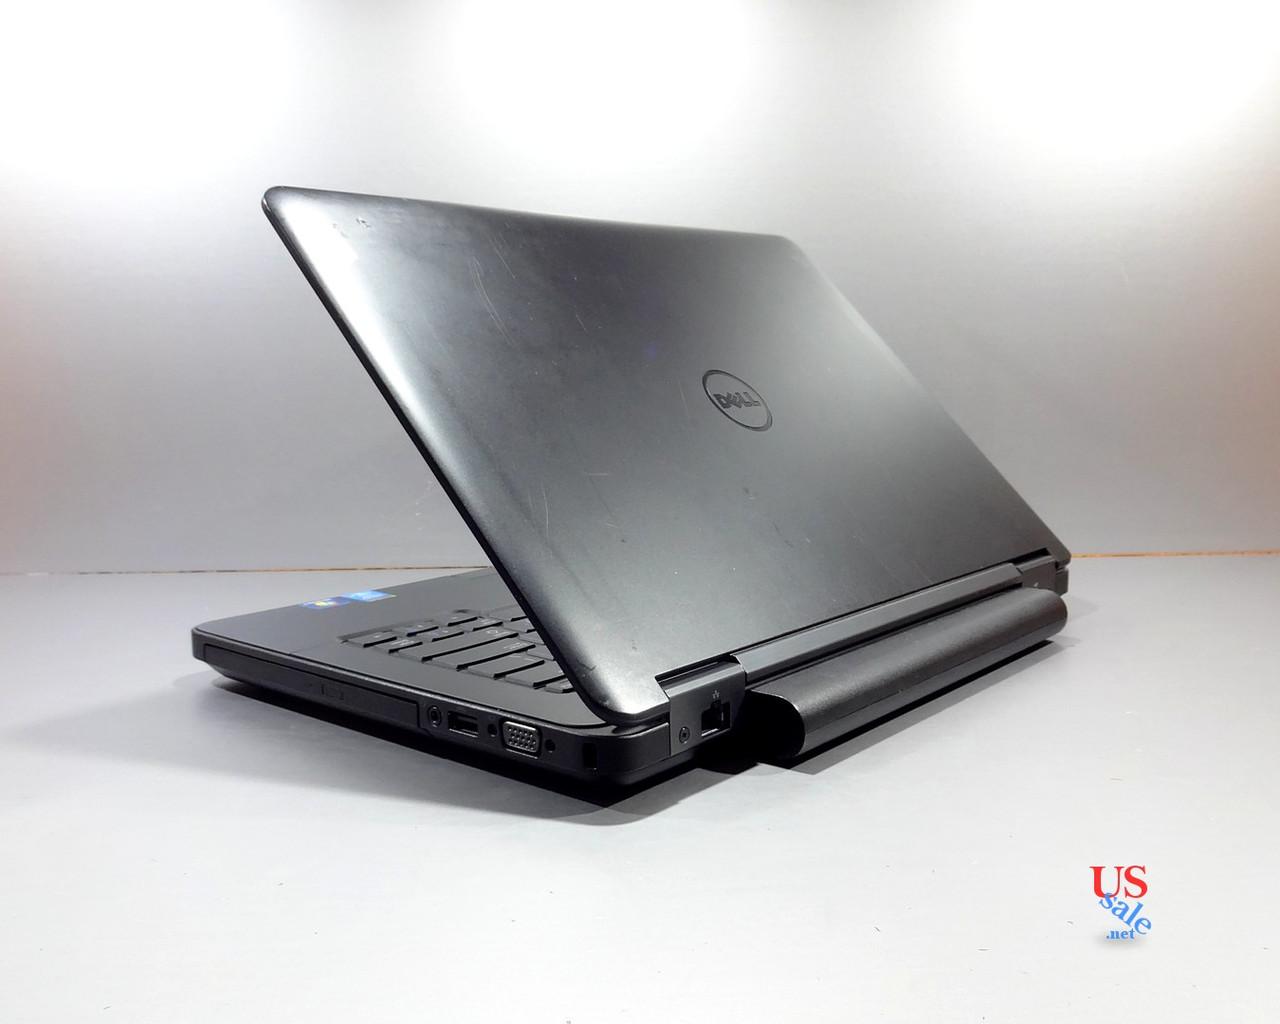 Ноутбук  Dell Latitude E5440 14″, Intel i5-4310u 2Ghz, 8Gb DDR3, 320 Gb. UltraBook. Гарантия!